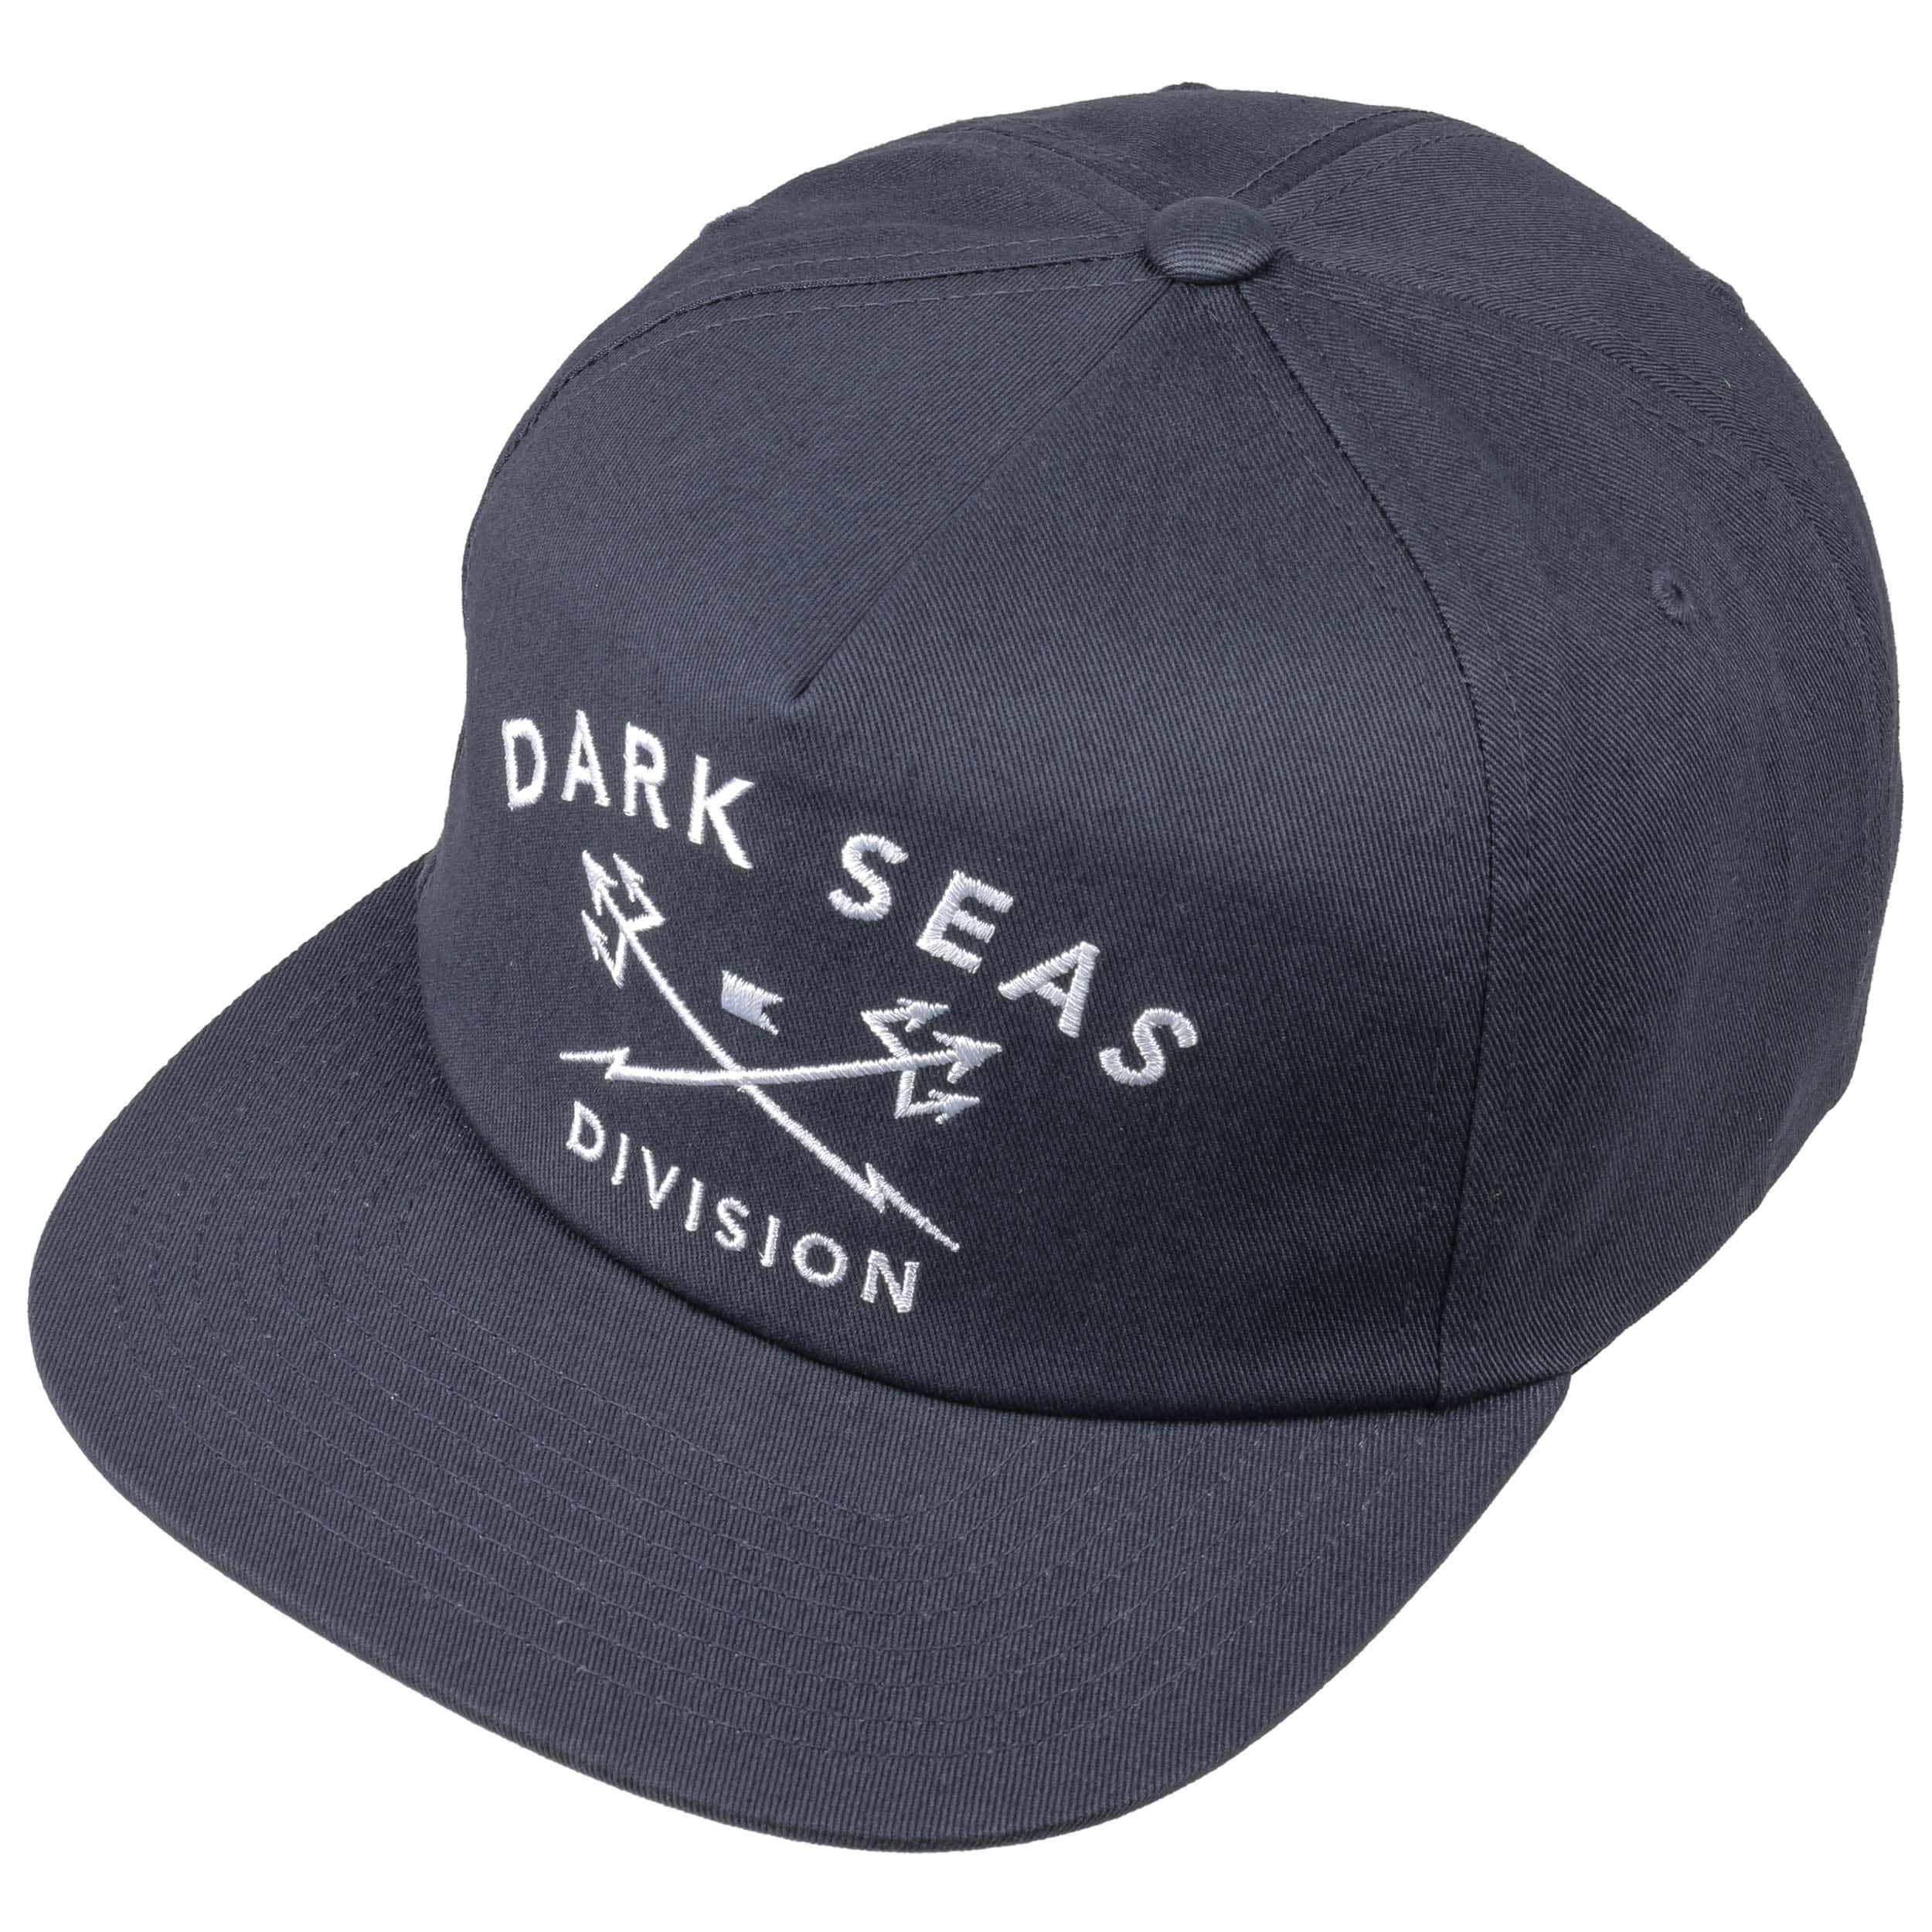 Tridents Casquette Snapback by Dark Seas, EUR 27,95 --  Chapeaux ... 0e83d3665616